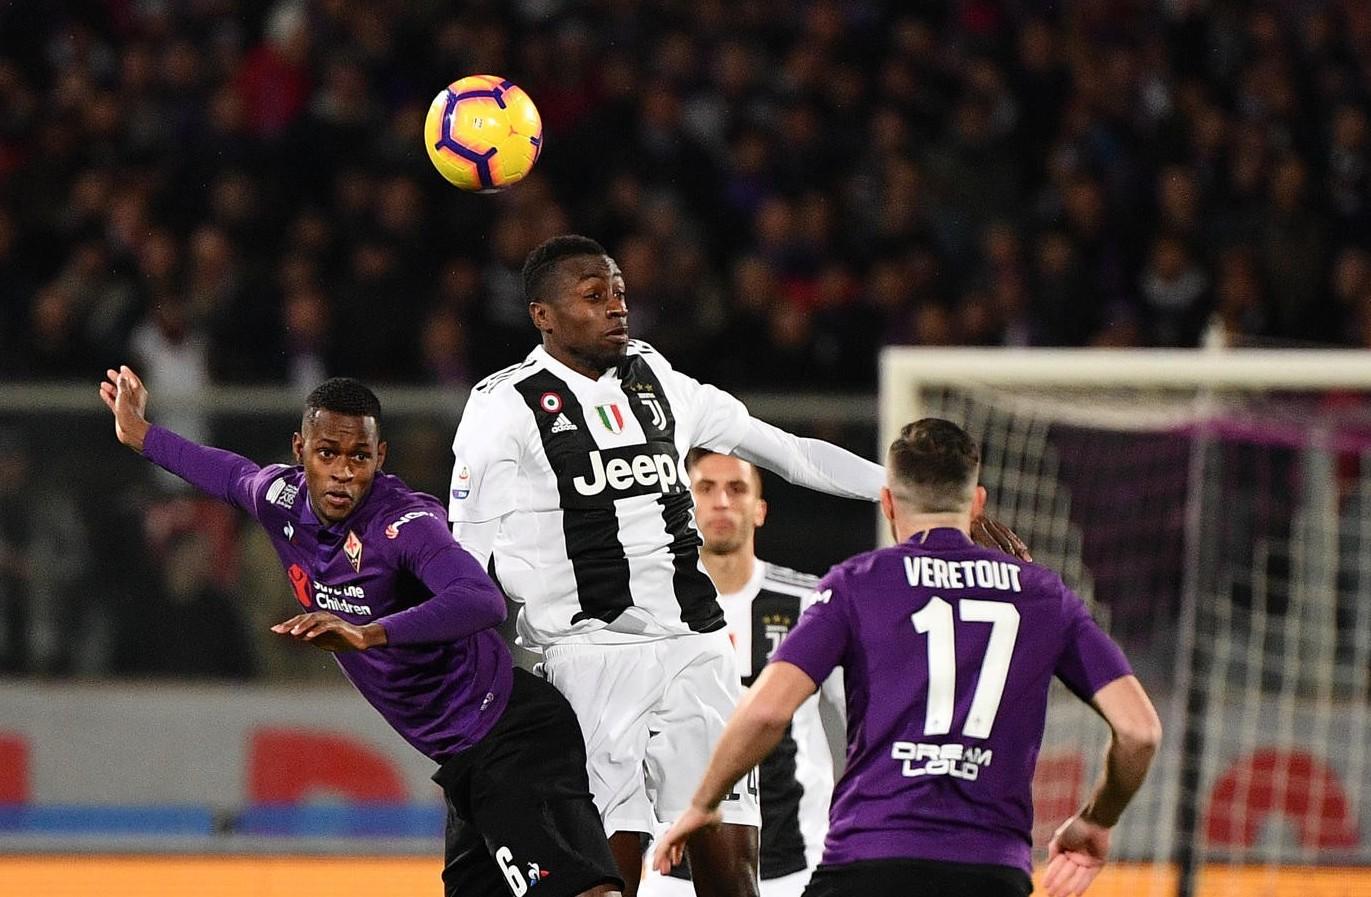 Fiorentina Juventus streaming gratis per